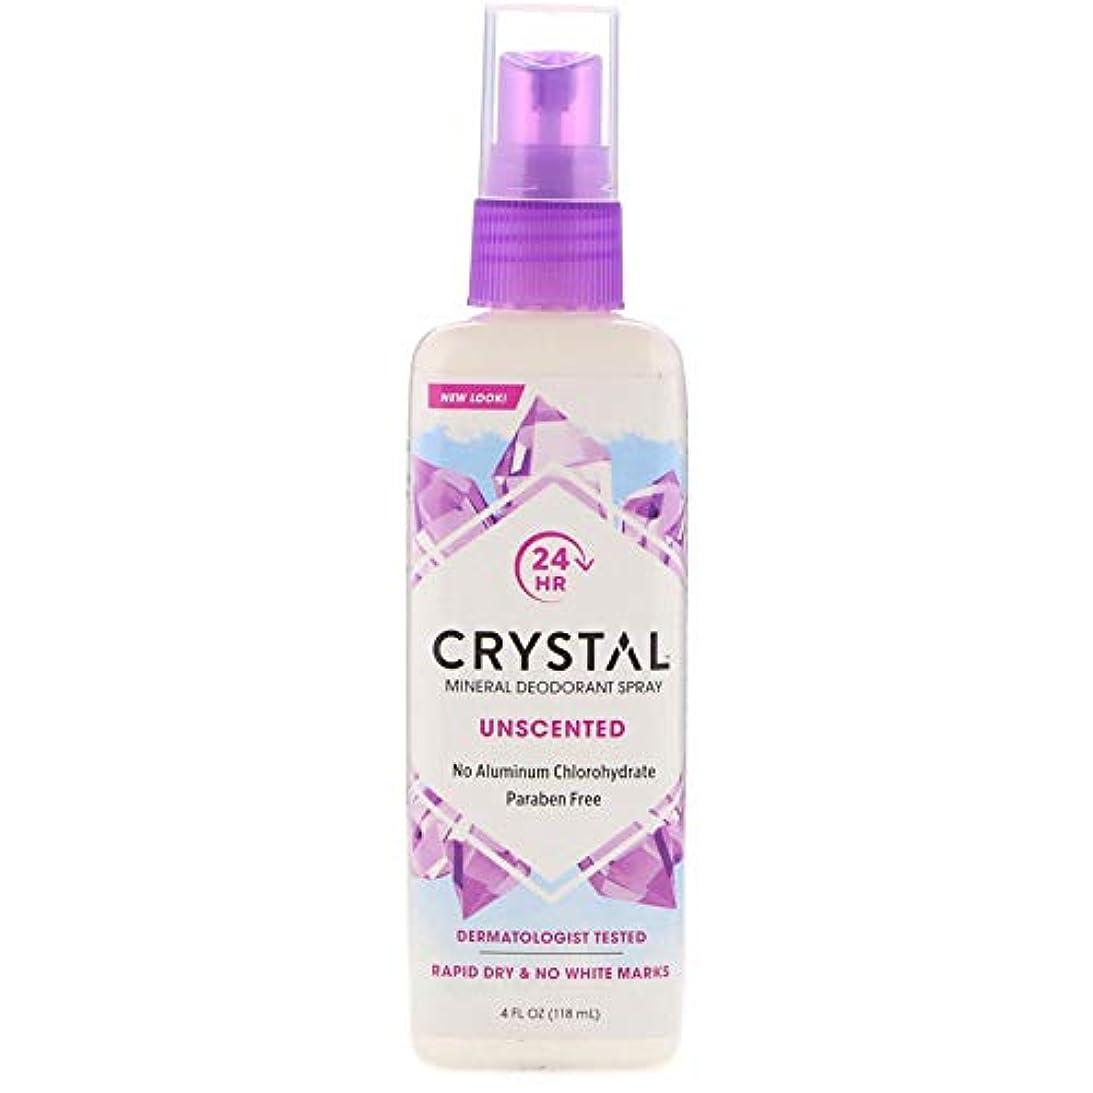 クリスタル(Crystal) ミネラルデオドラントスプレー(無香料) 118ml [並行輸入品]